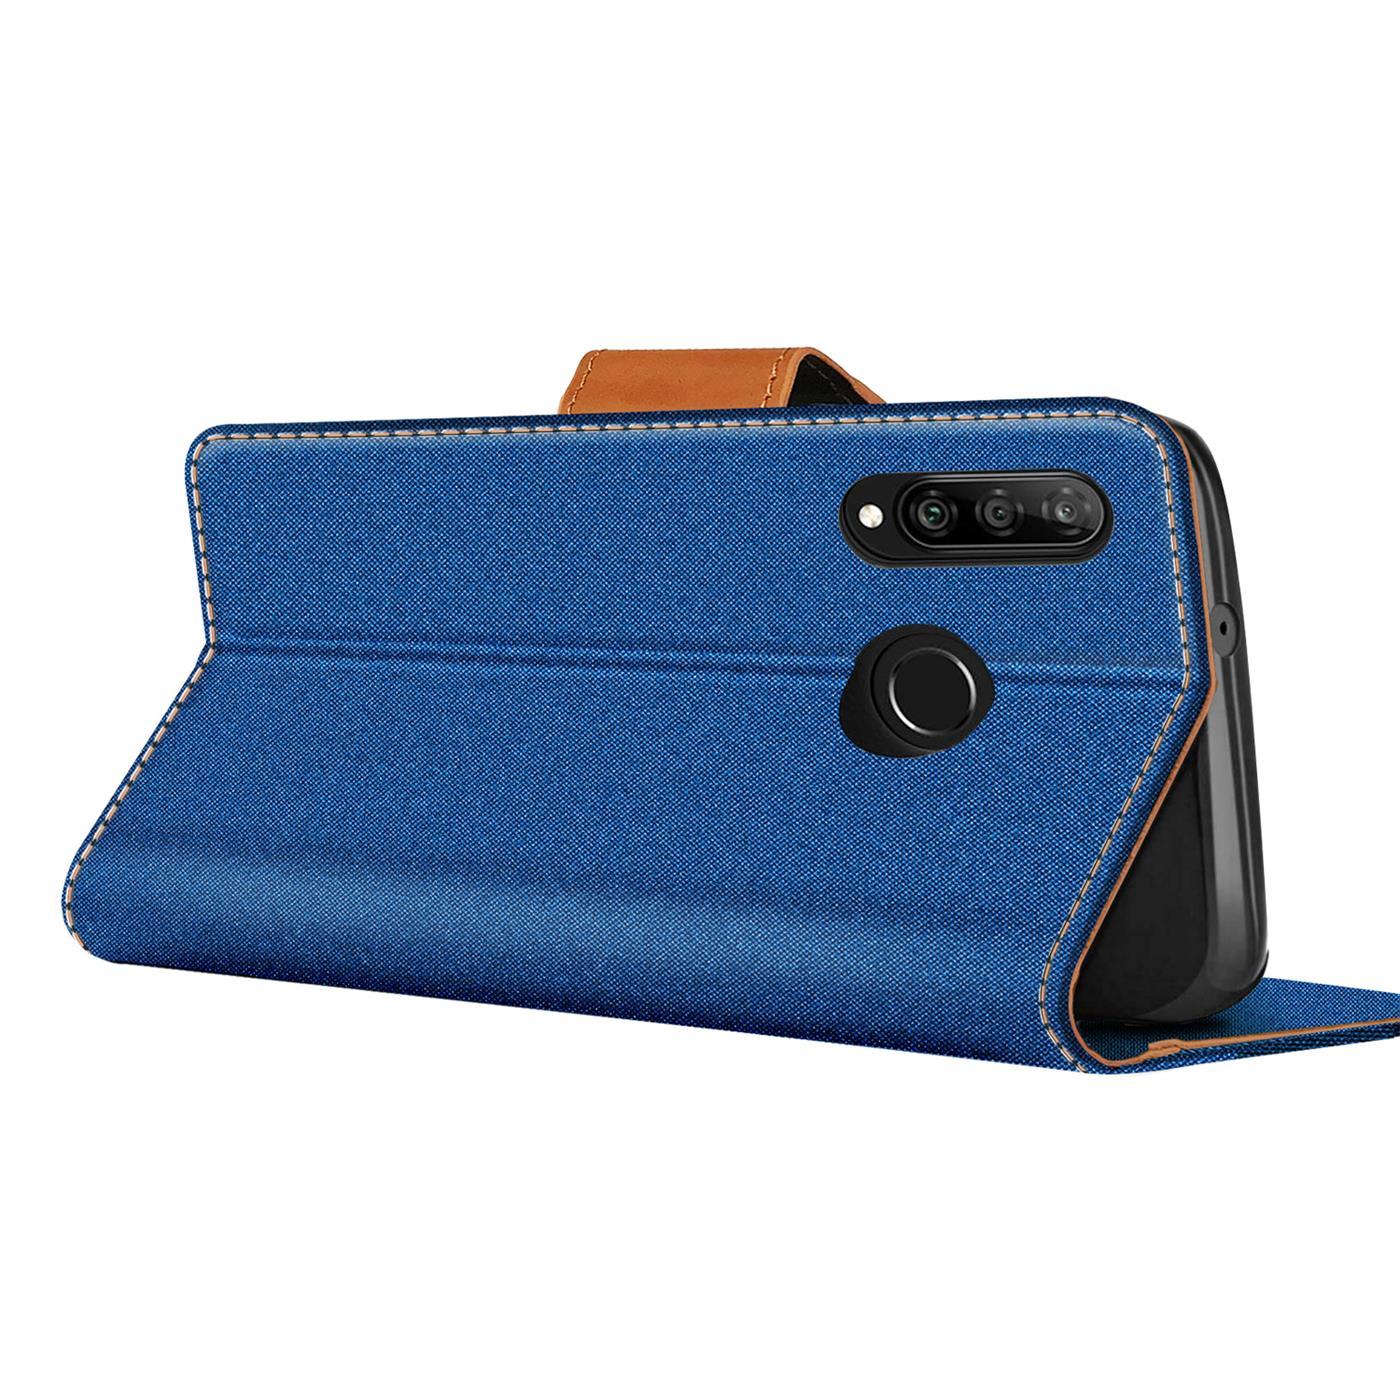 Schutzhuelle-Handy-Huelle-Flip-Case-Klapp-Tasche-Book-Case-Cover-Handyhuelle-Etui Indexbild 20